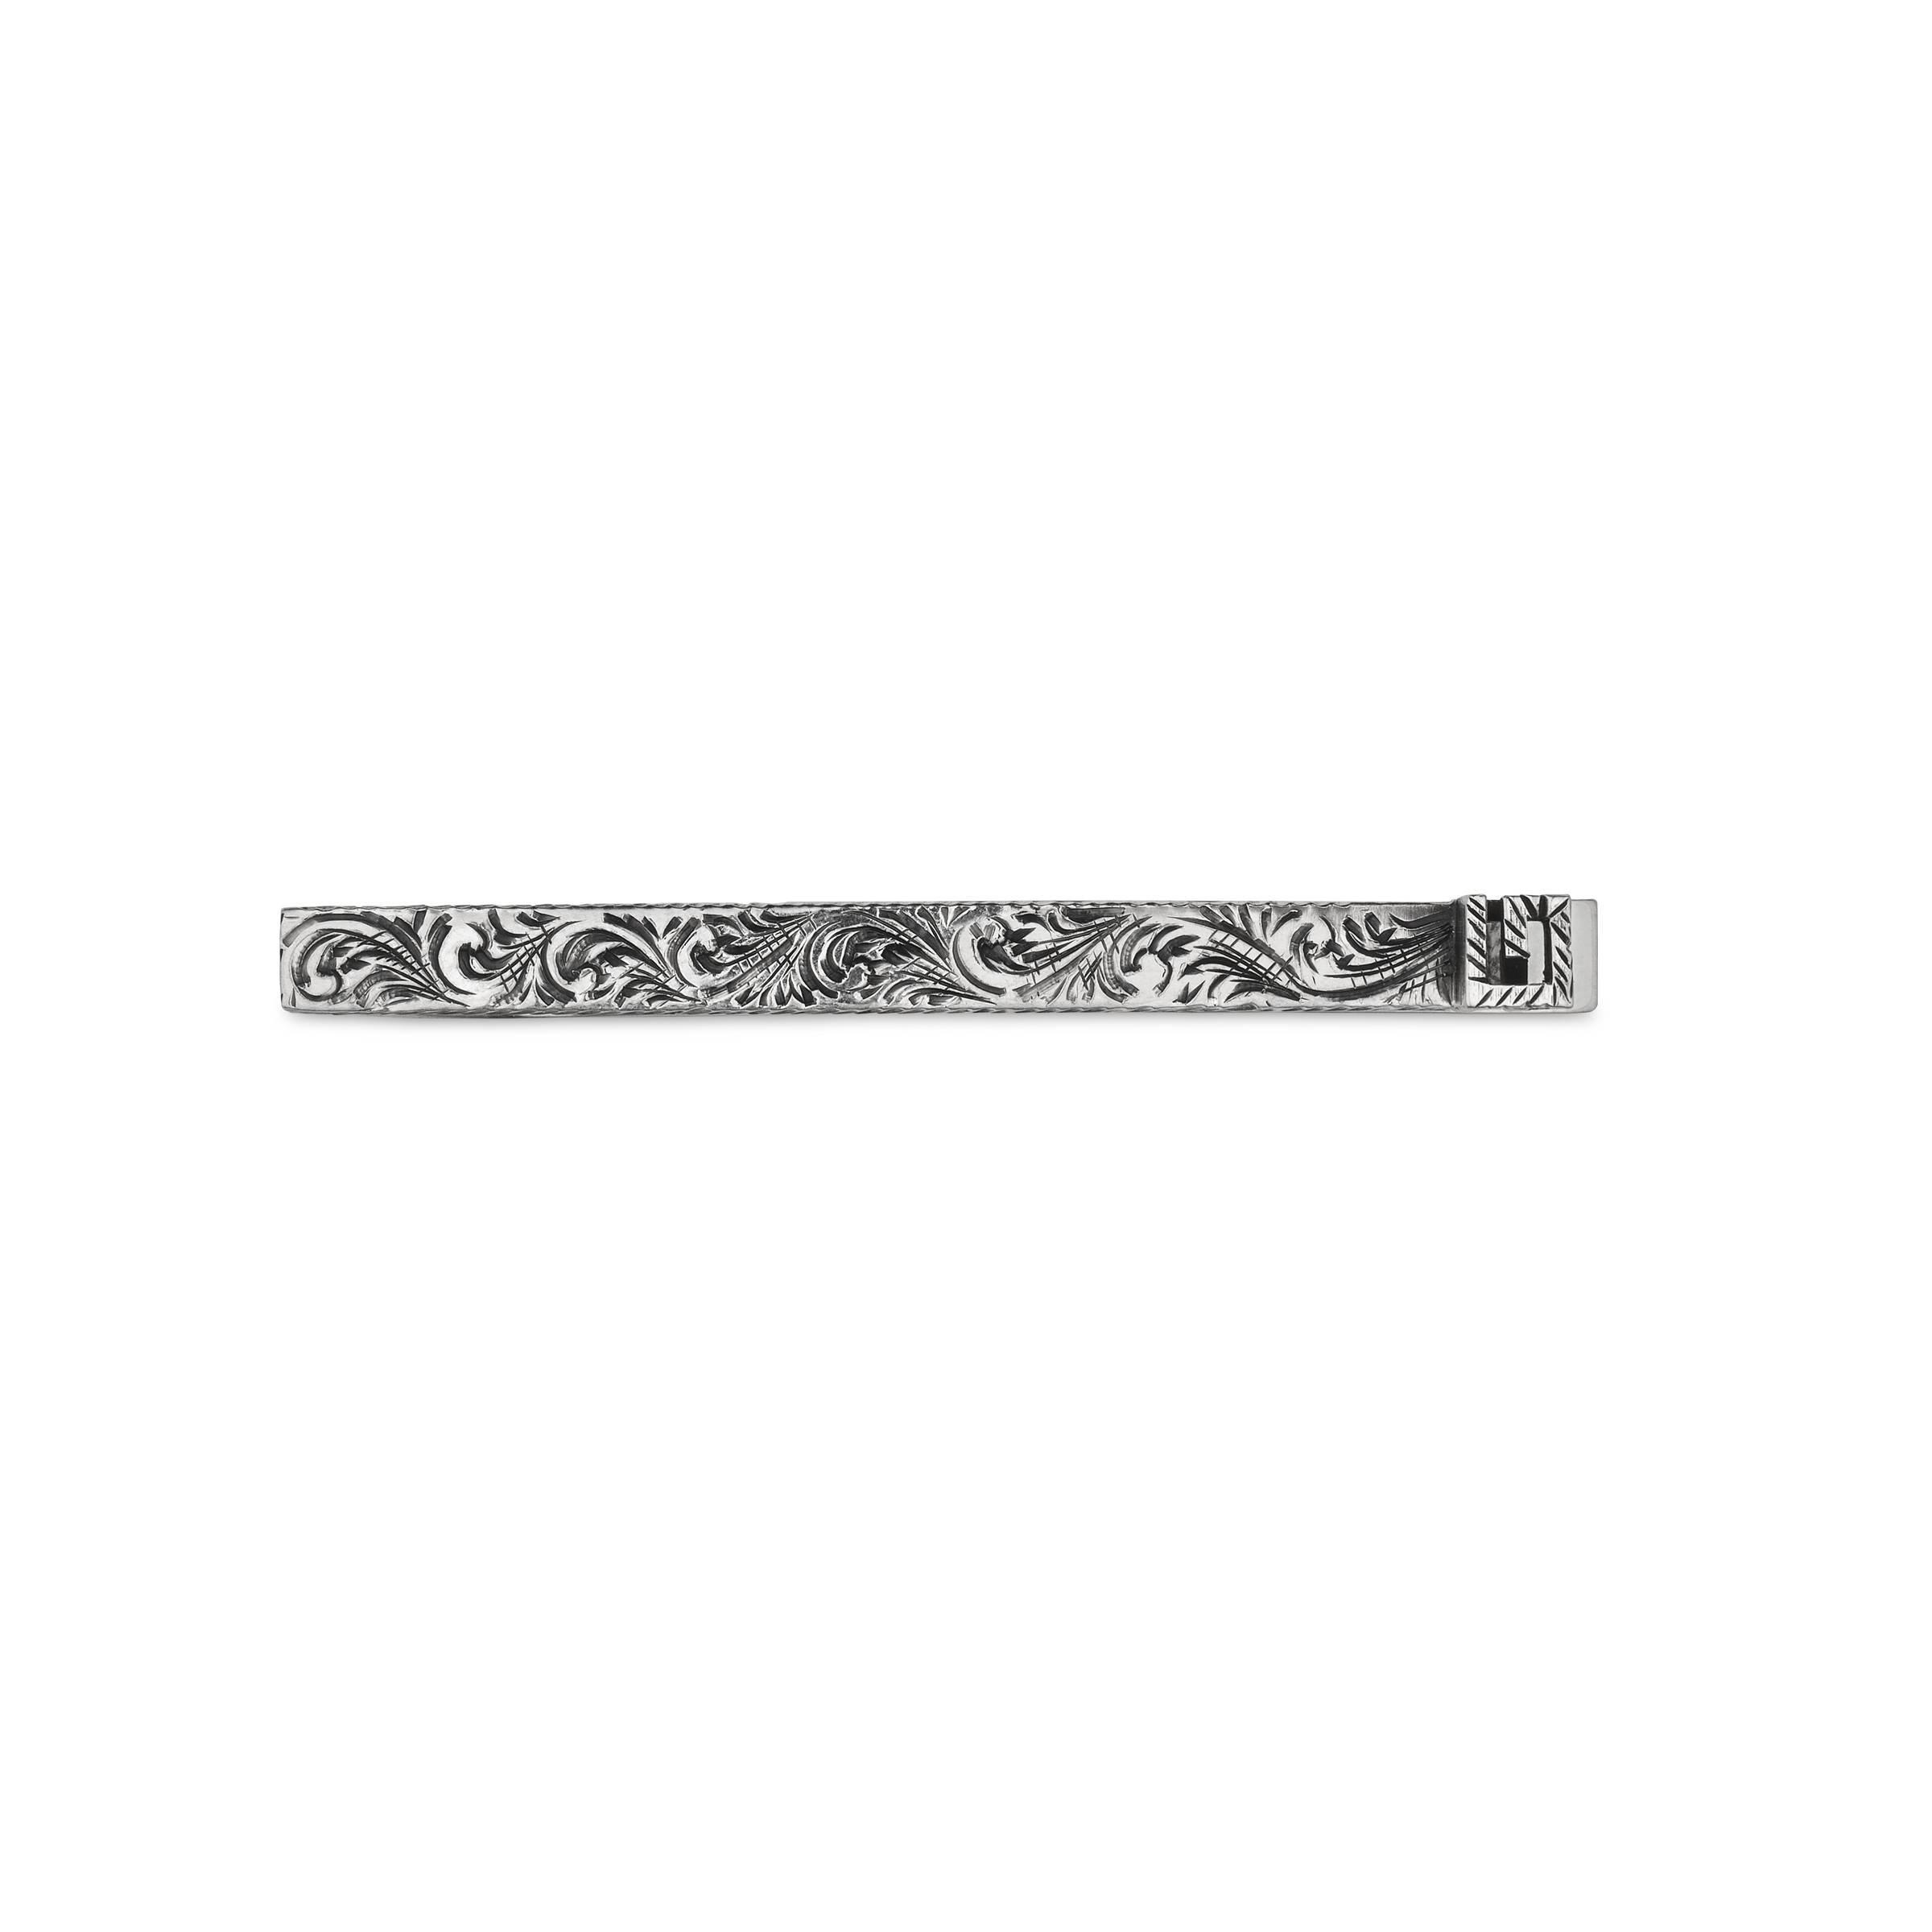 Brooke sujetacorbatas//un alfiler de corbata con cadena de plata